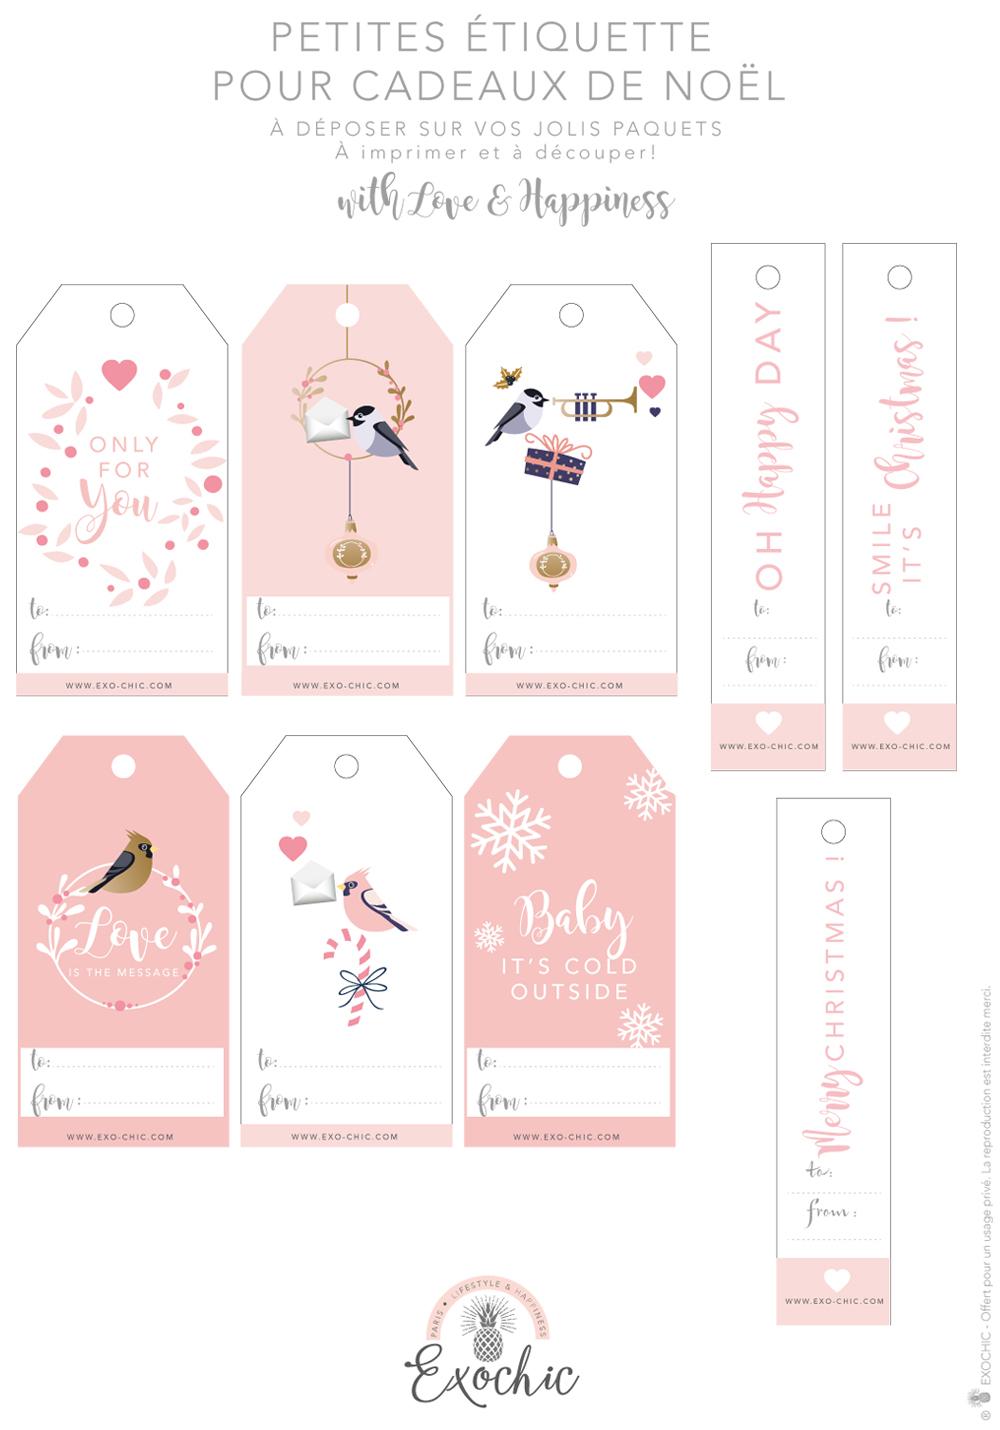 Étiquette De Noël À Imprimer Gratuitement | Exo-Chic pour Etiquette Cadeau Noel A Imprimer Gratuitement